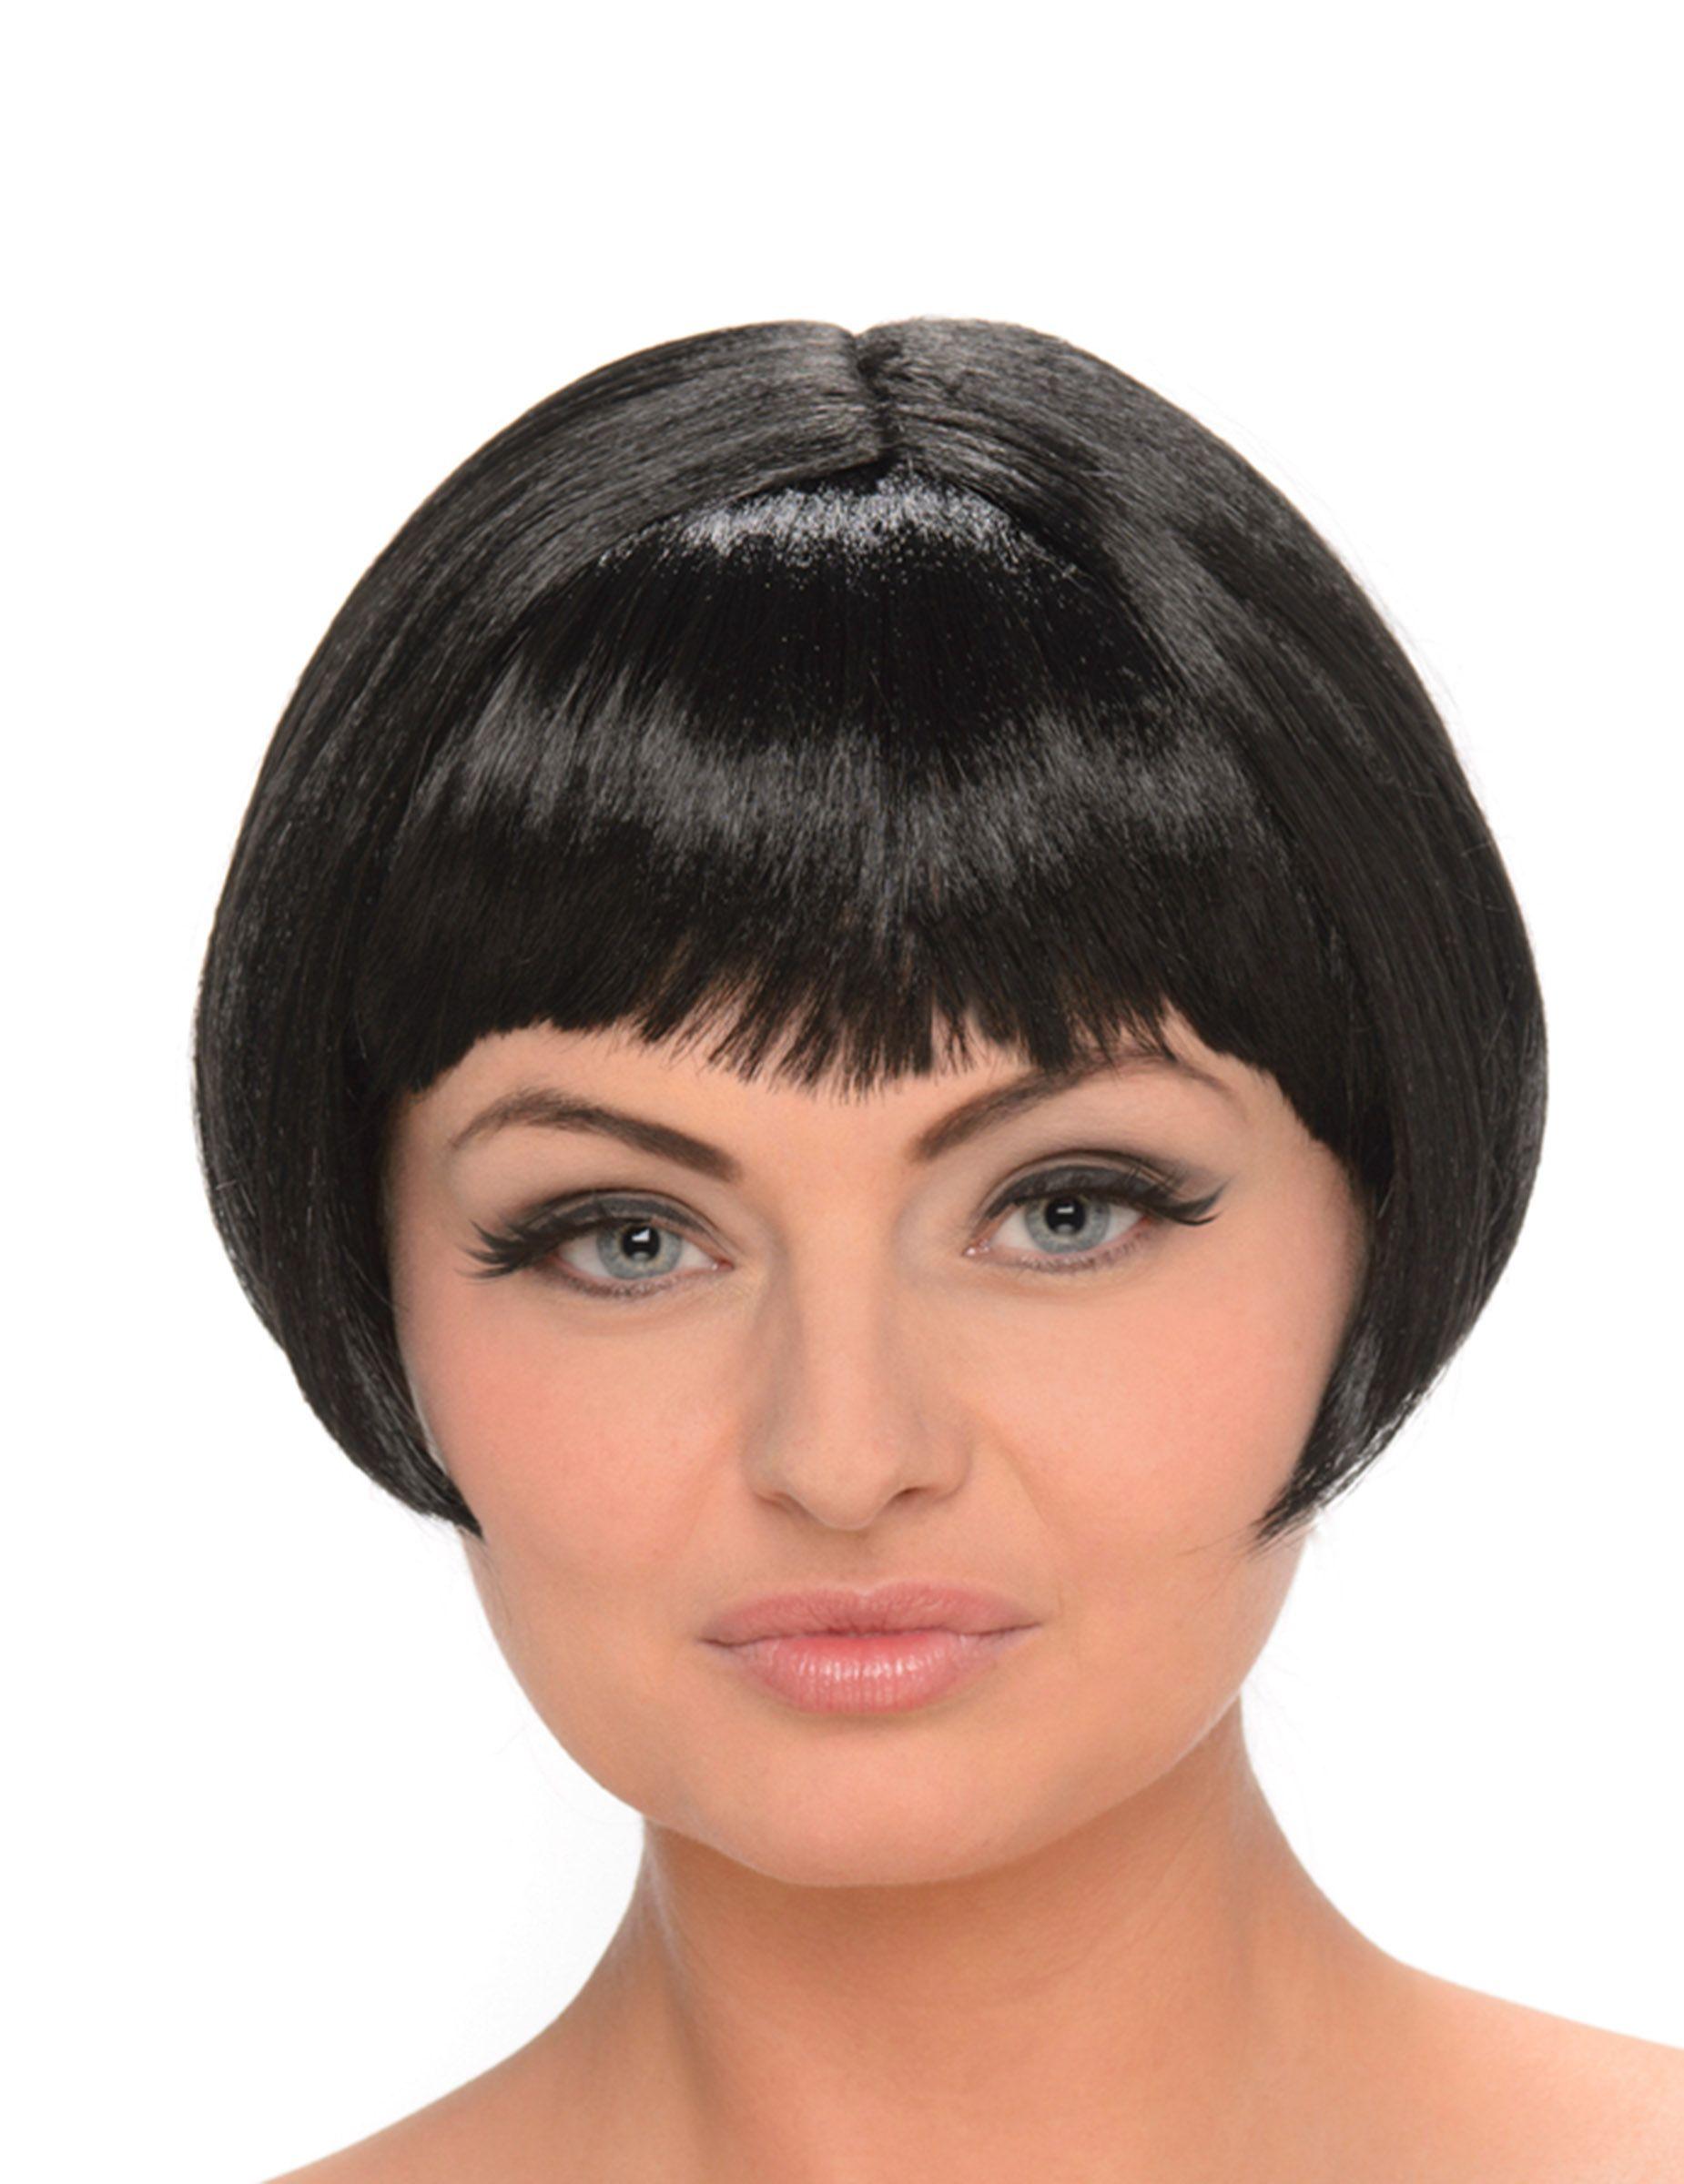 Cheveux Carre Court avec perruque brune carré court femme | carrés courts, perruque et